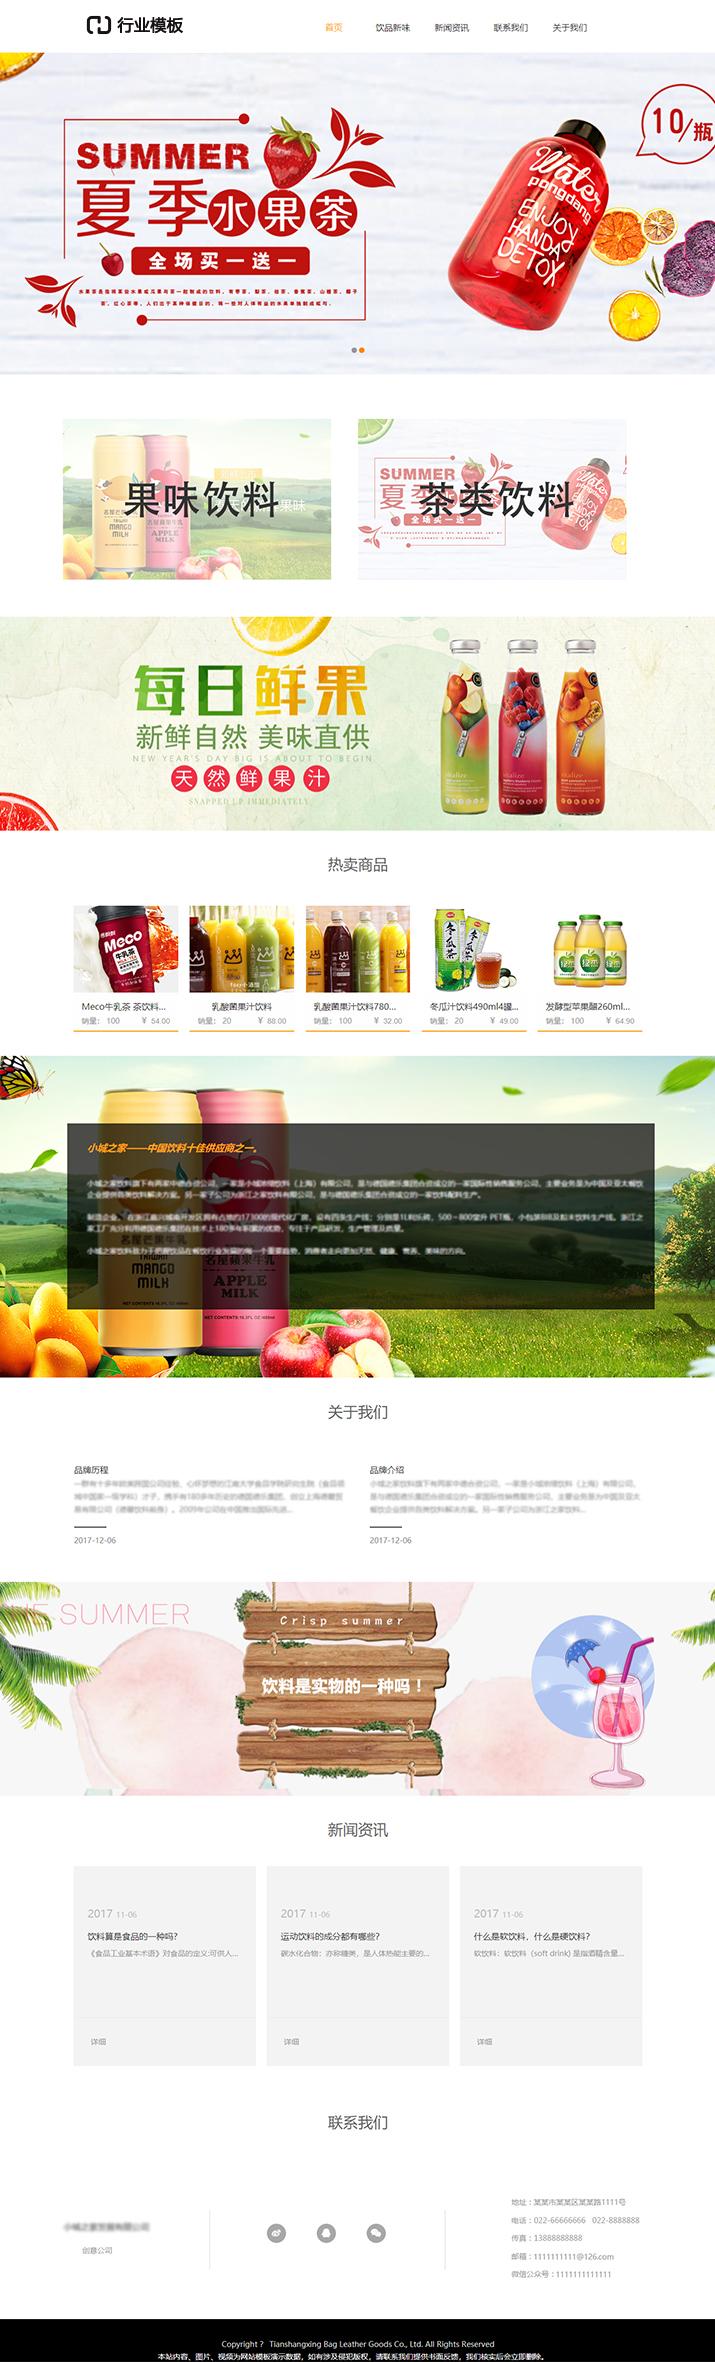 果味饮料免费网站模板